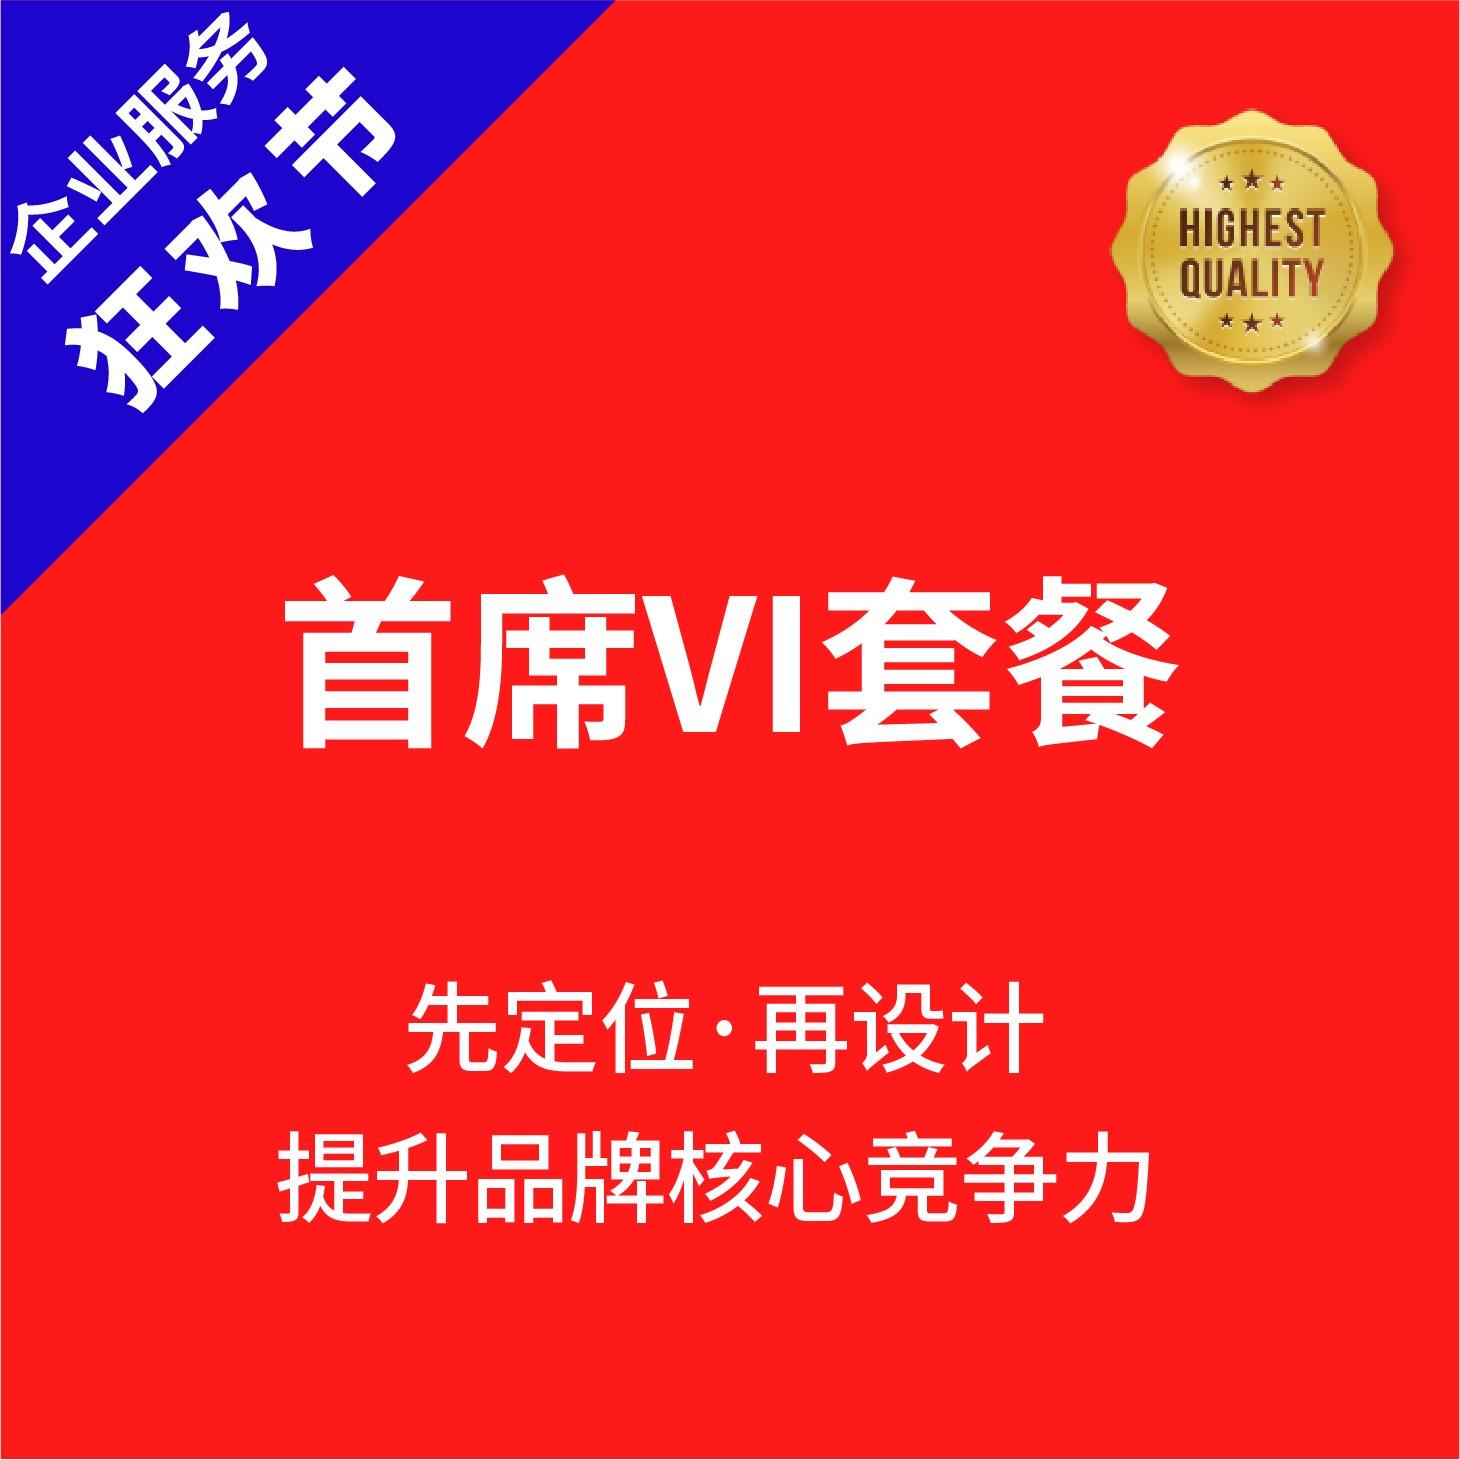 学校VIS设计农业工业科技品牌视觉酒店金融商标志LOGO地产